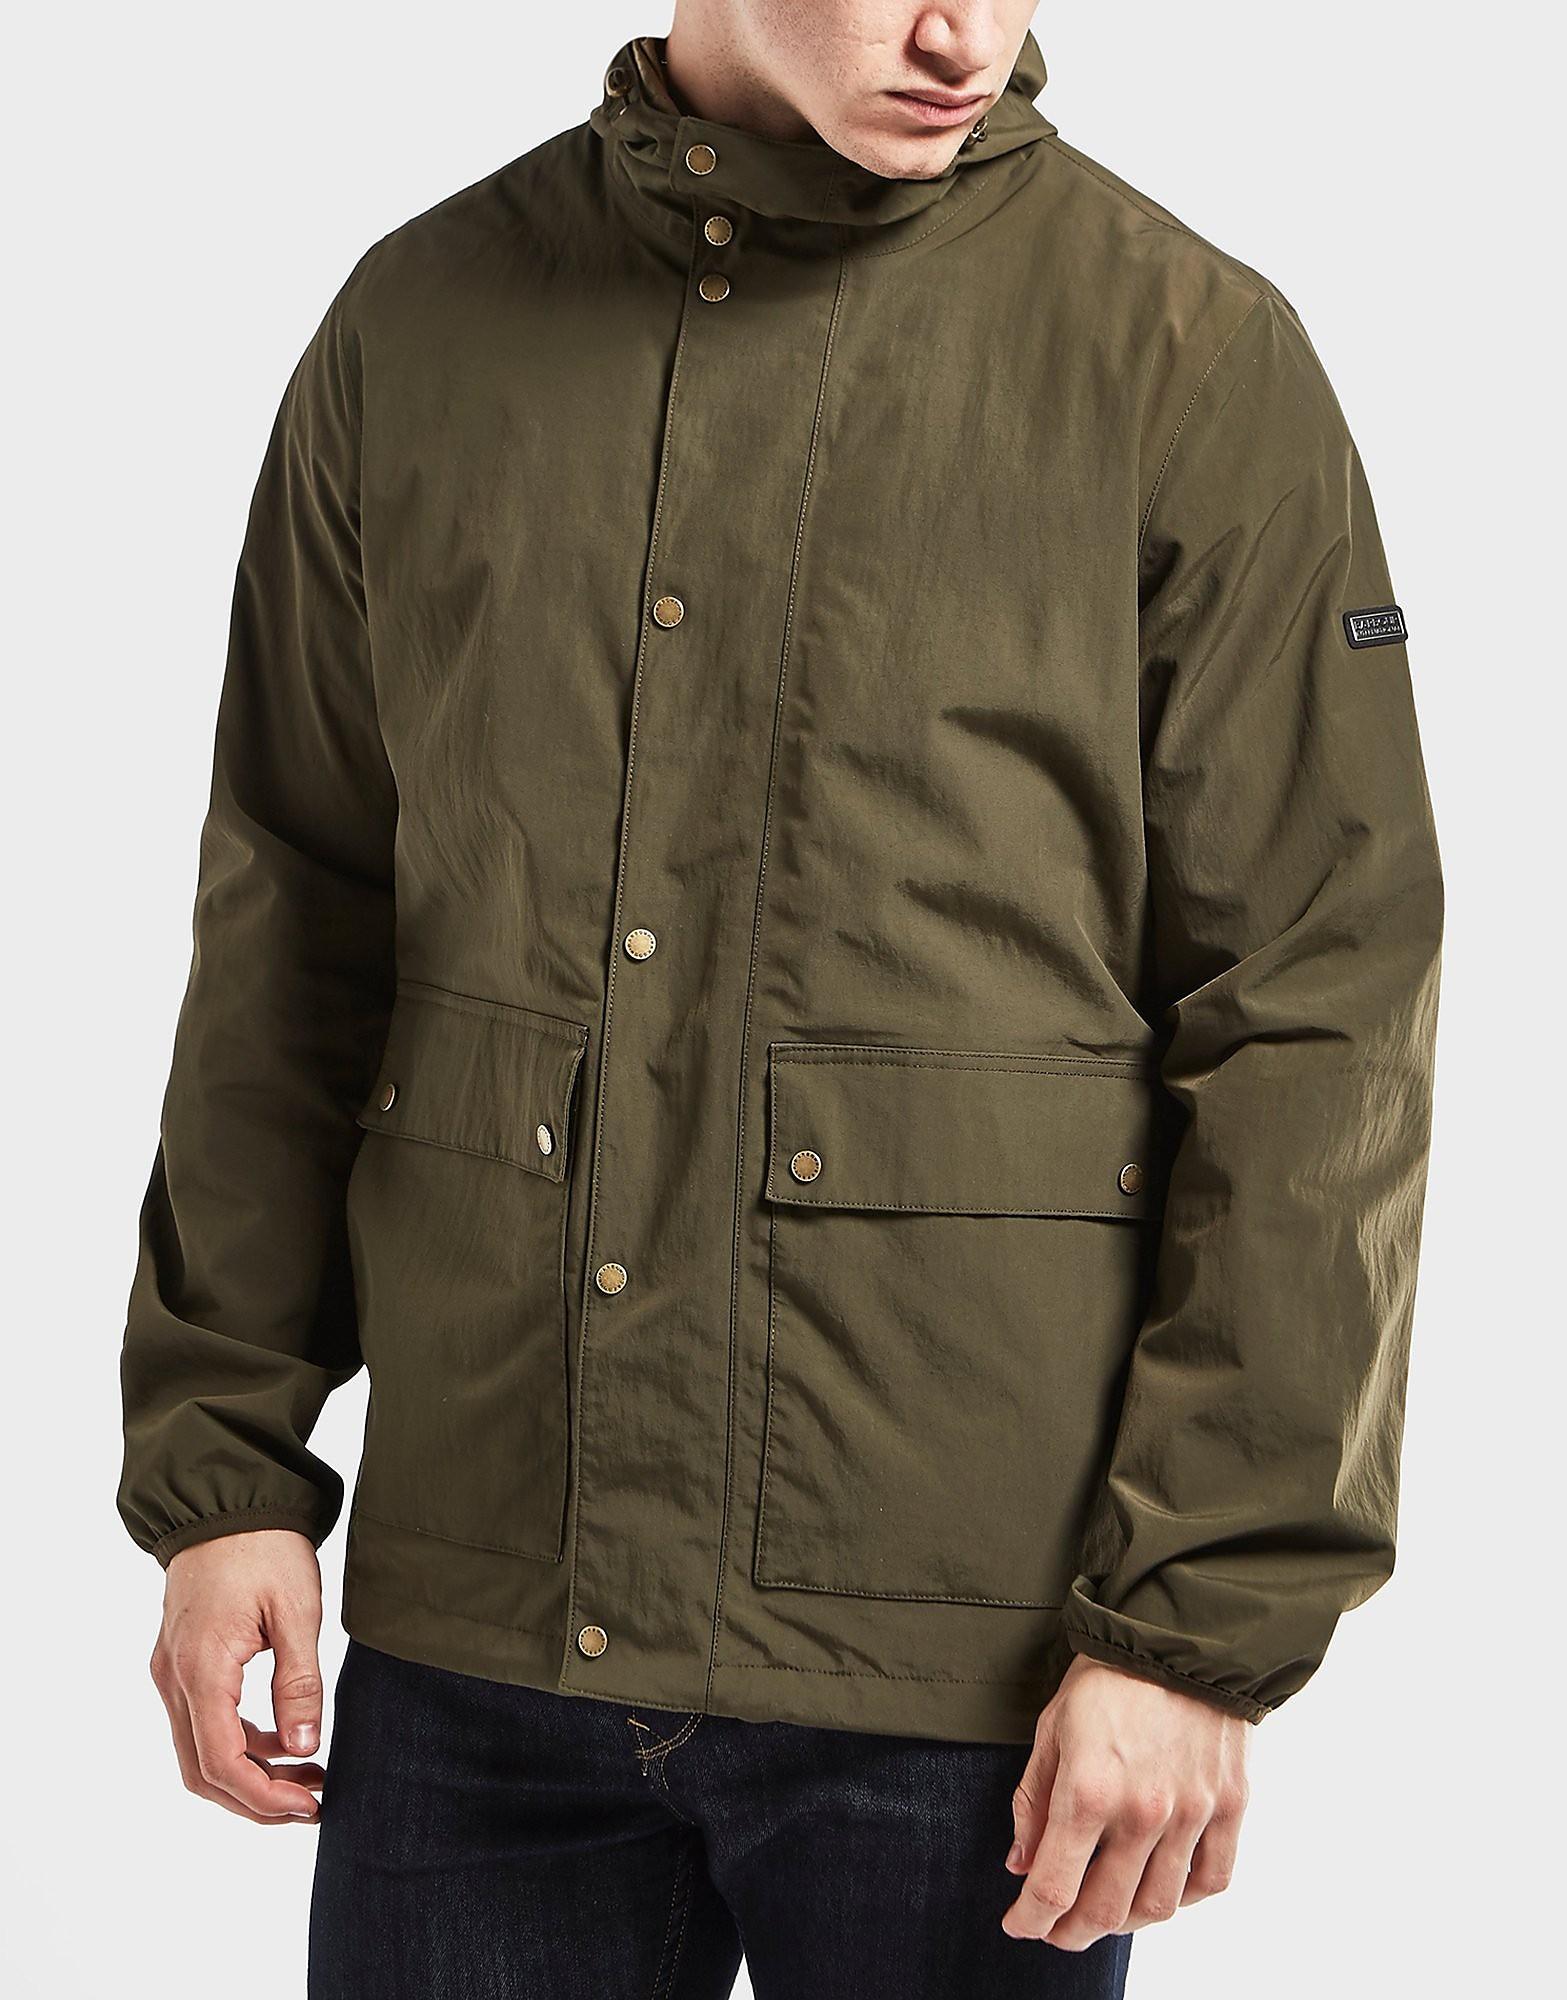 Barbour International Weir Waterproof Lightweight Jacket